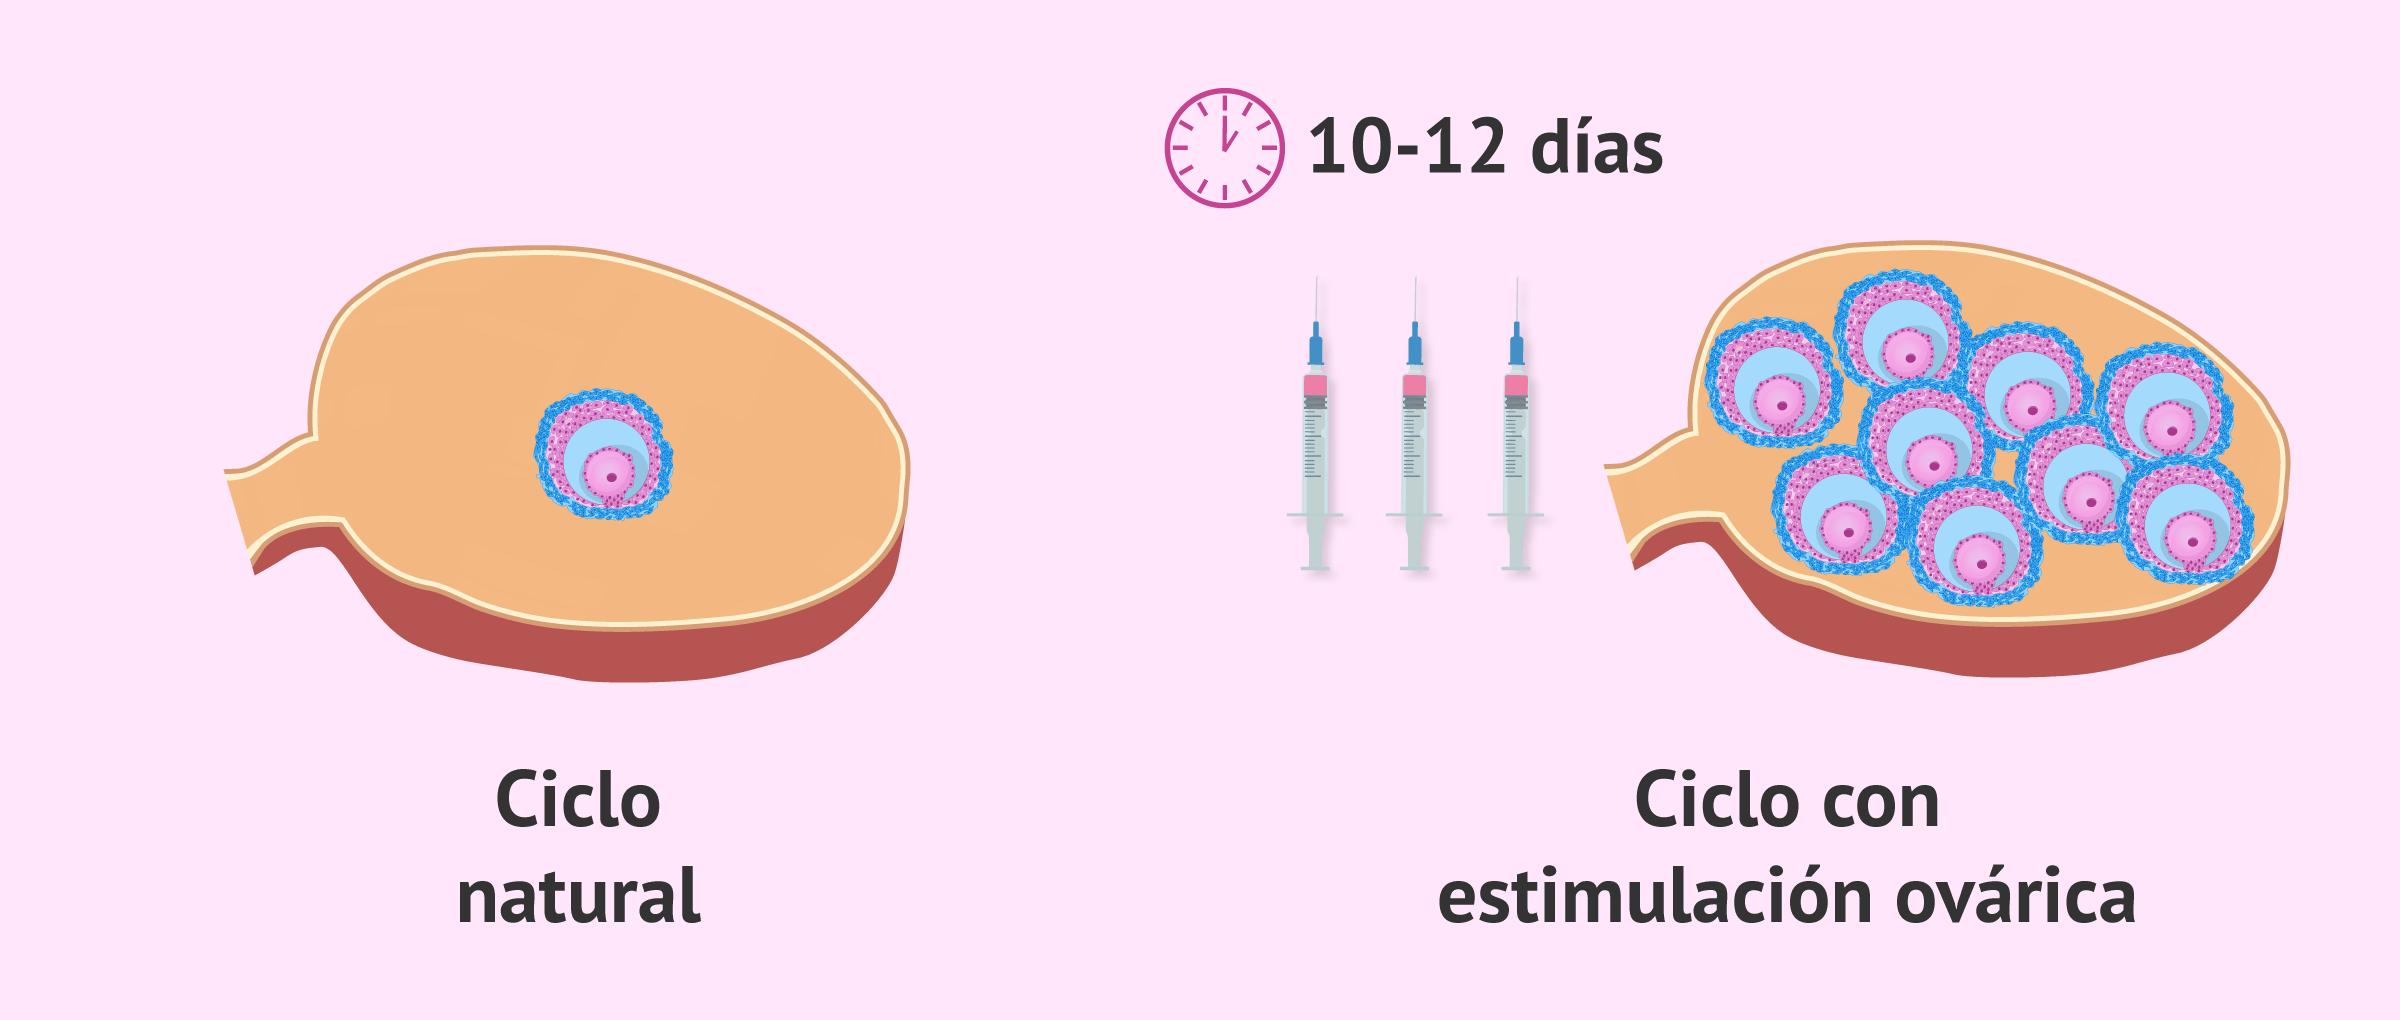 Ciclo natural vs ciclo estimulado